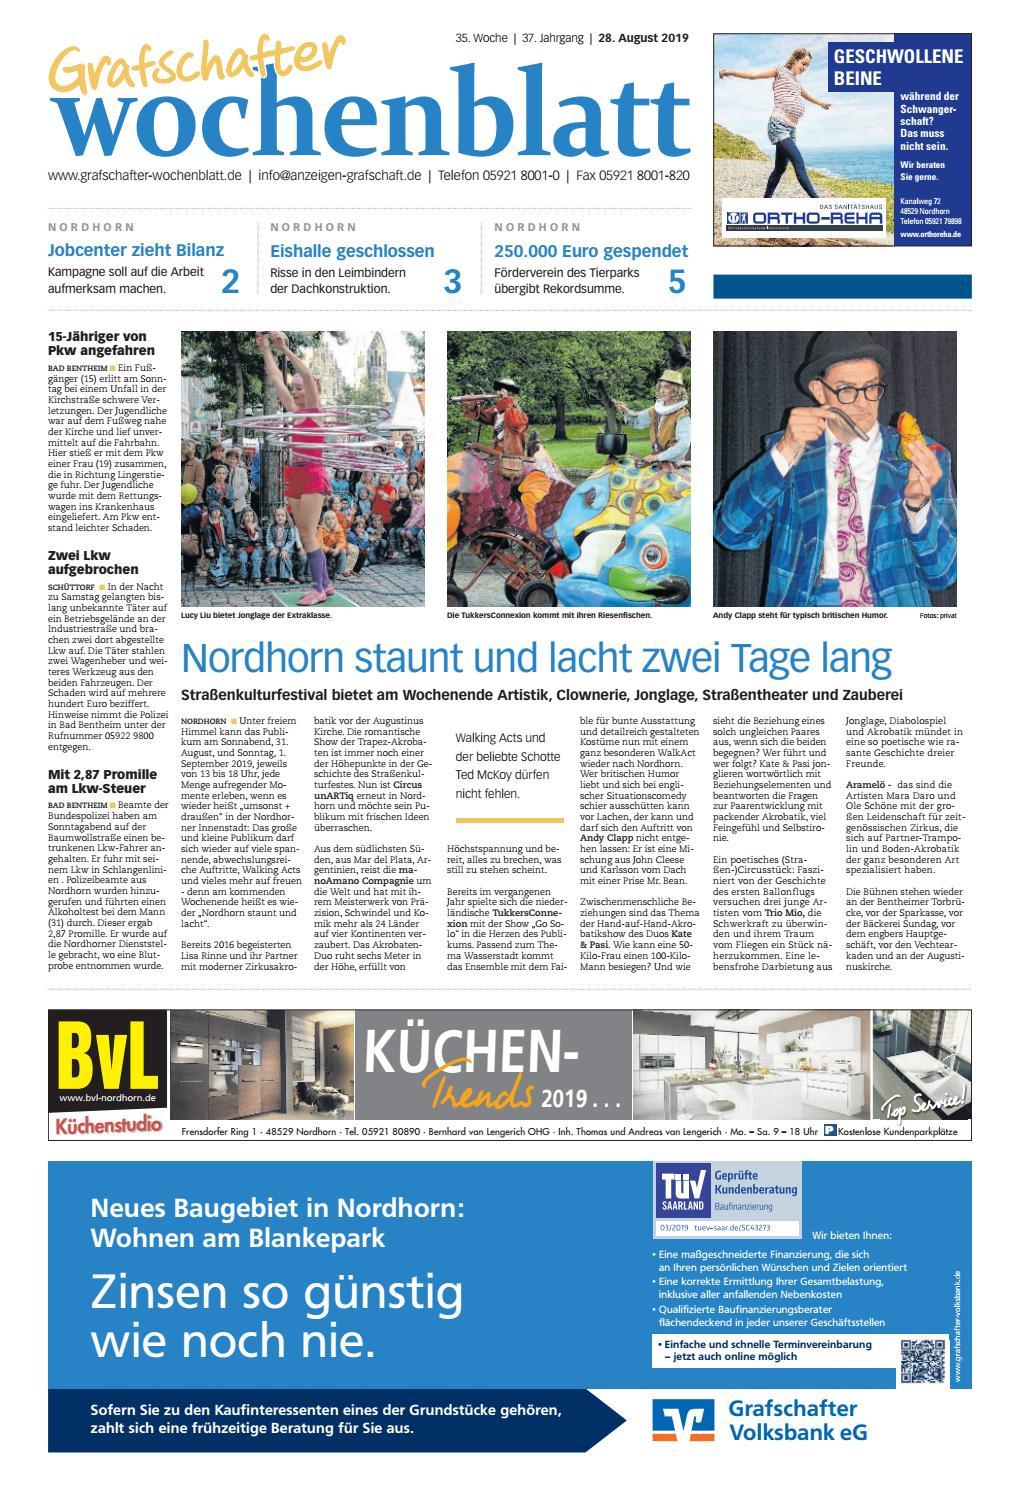 Gutschein verbuchen oscar bauhaus Bauhaus Gutschein